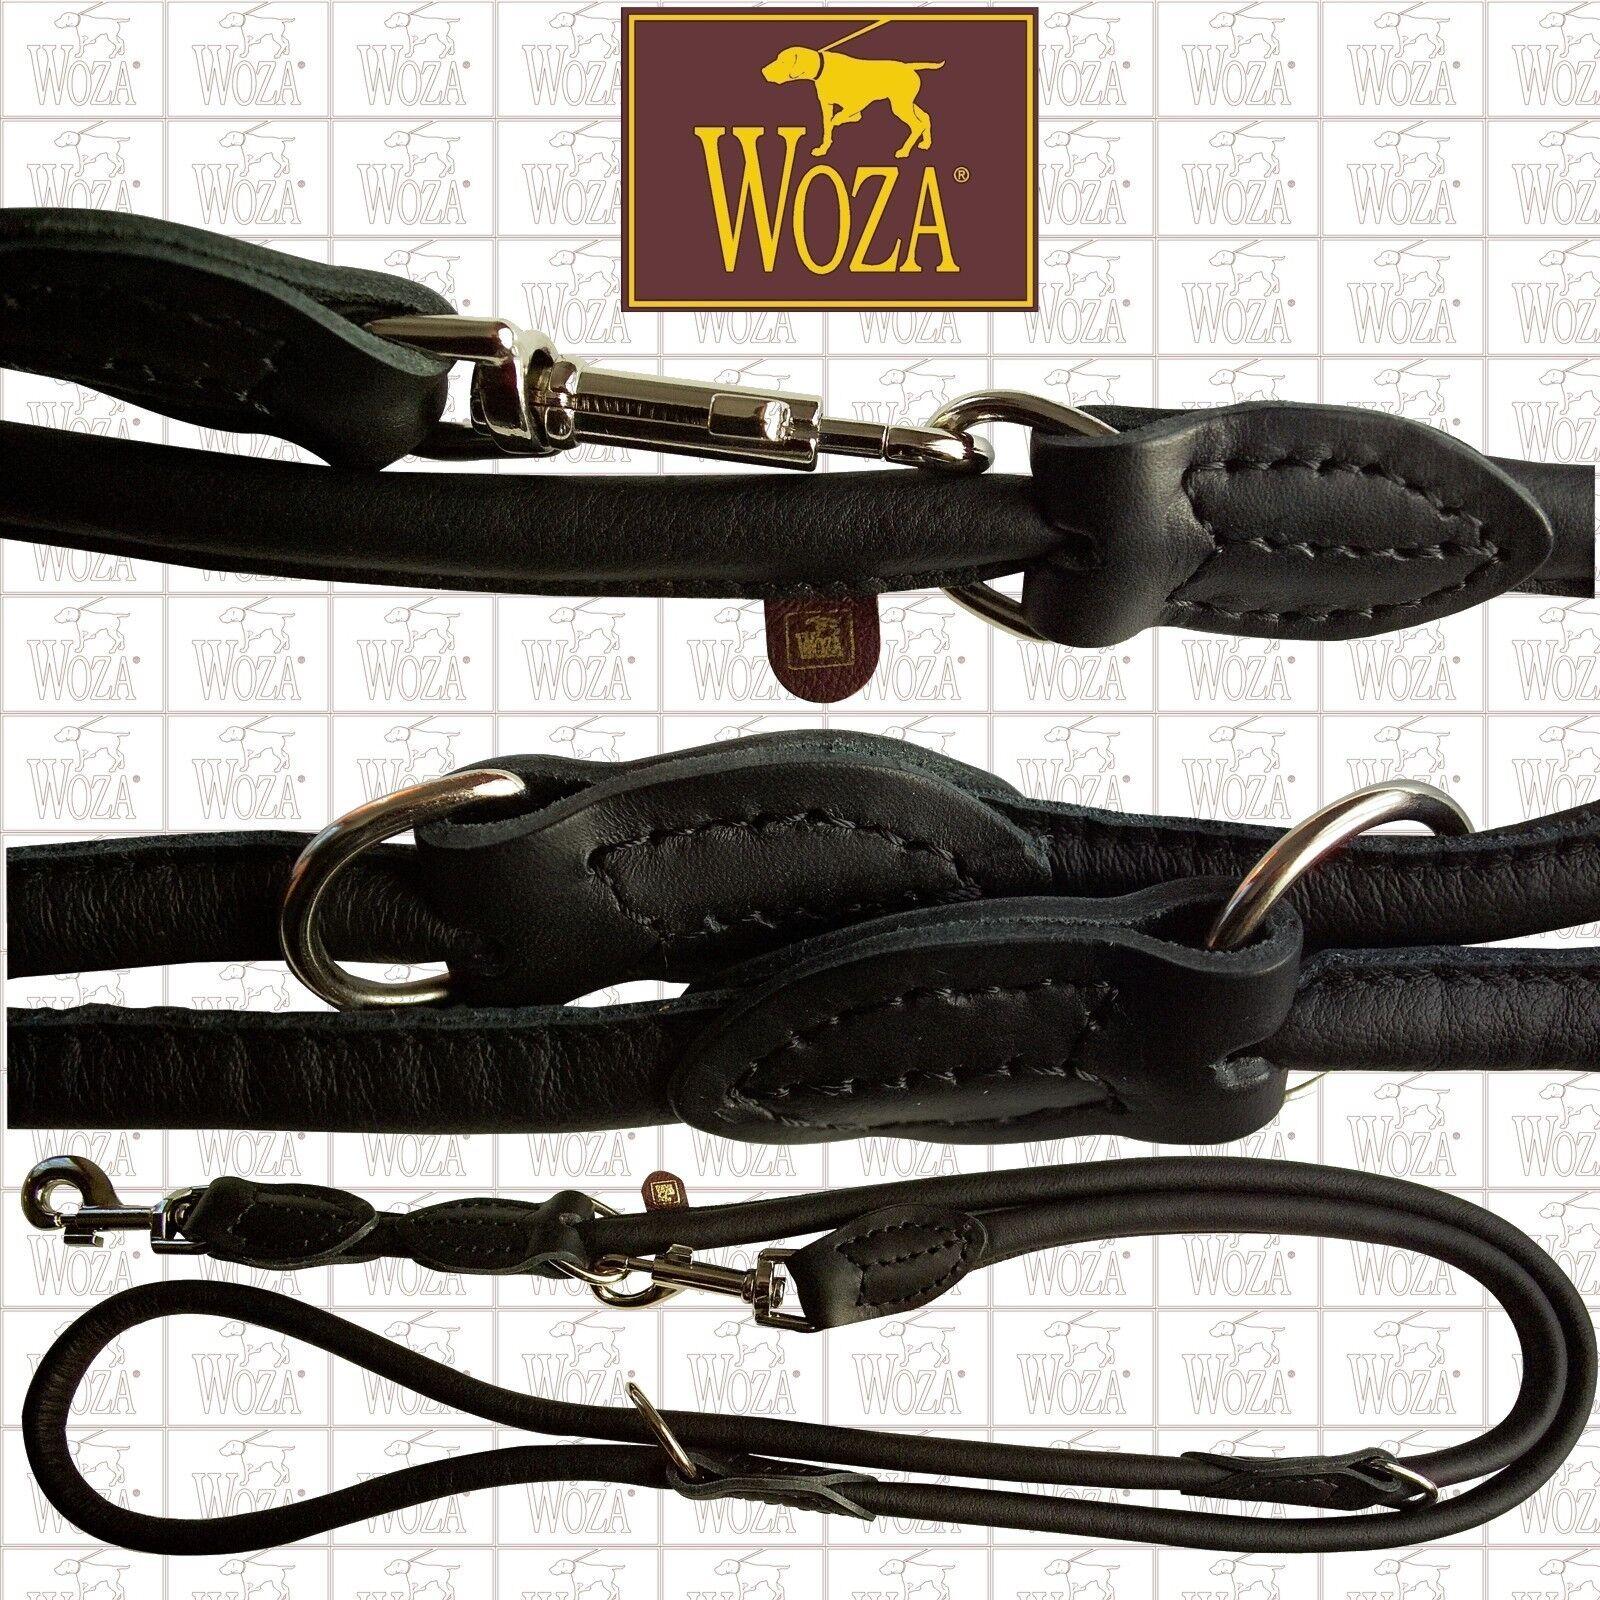 WOZA Rundgenähte Lederleine Vollleder Hundeleine Handgenäht Softrindnappa T21253  | Ausgezeichnetes Handwerk